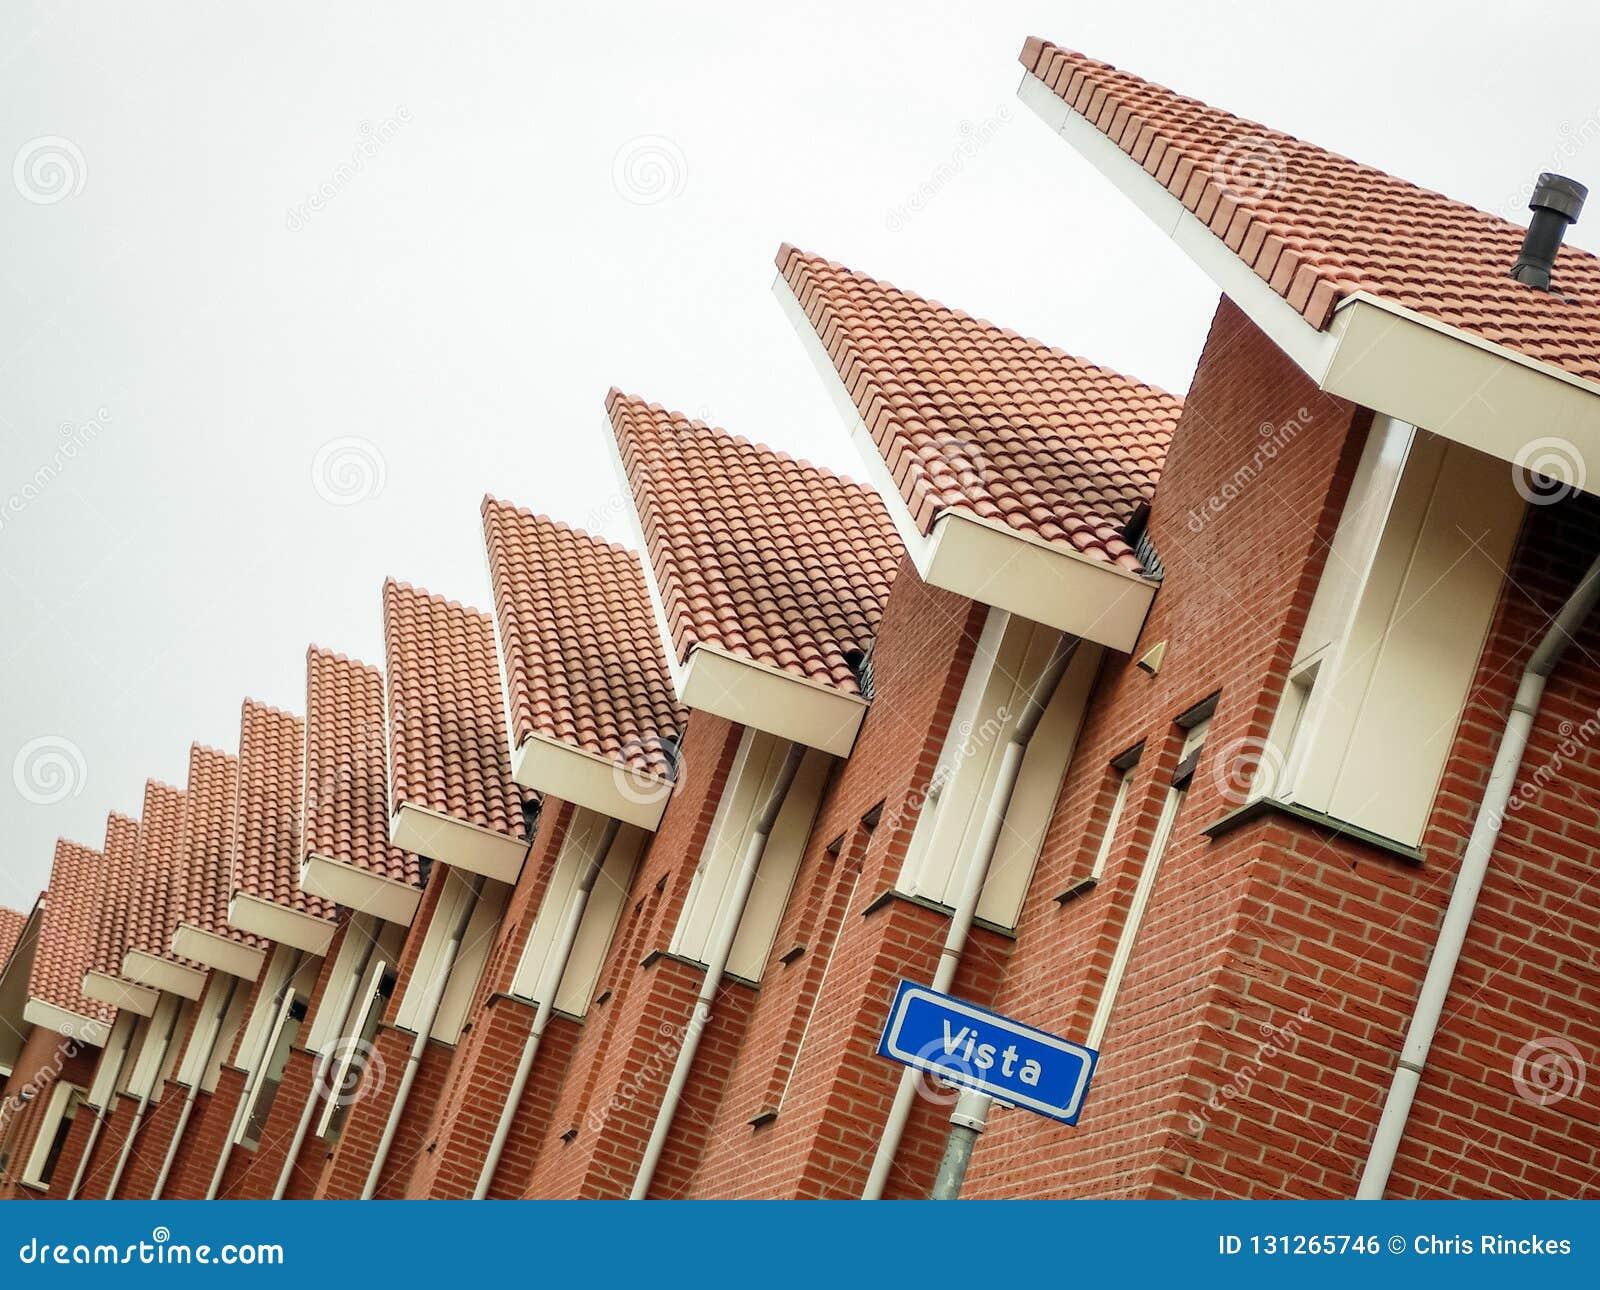 La fila di case in una via ha chiamato Vista nella città di Almelo i Paesi Bassi